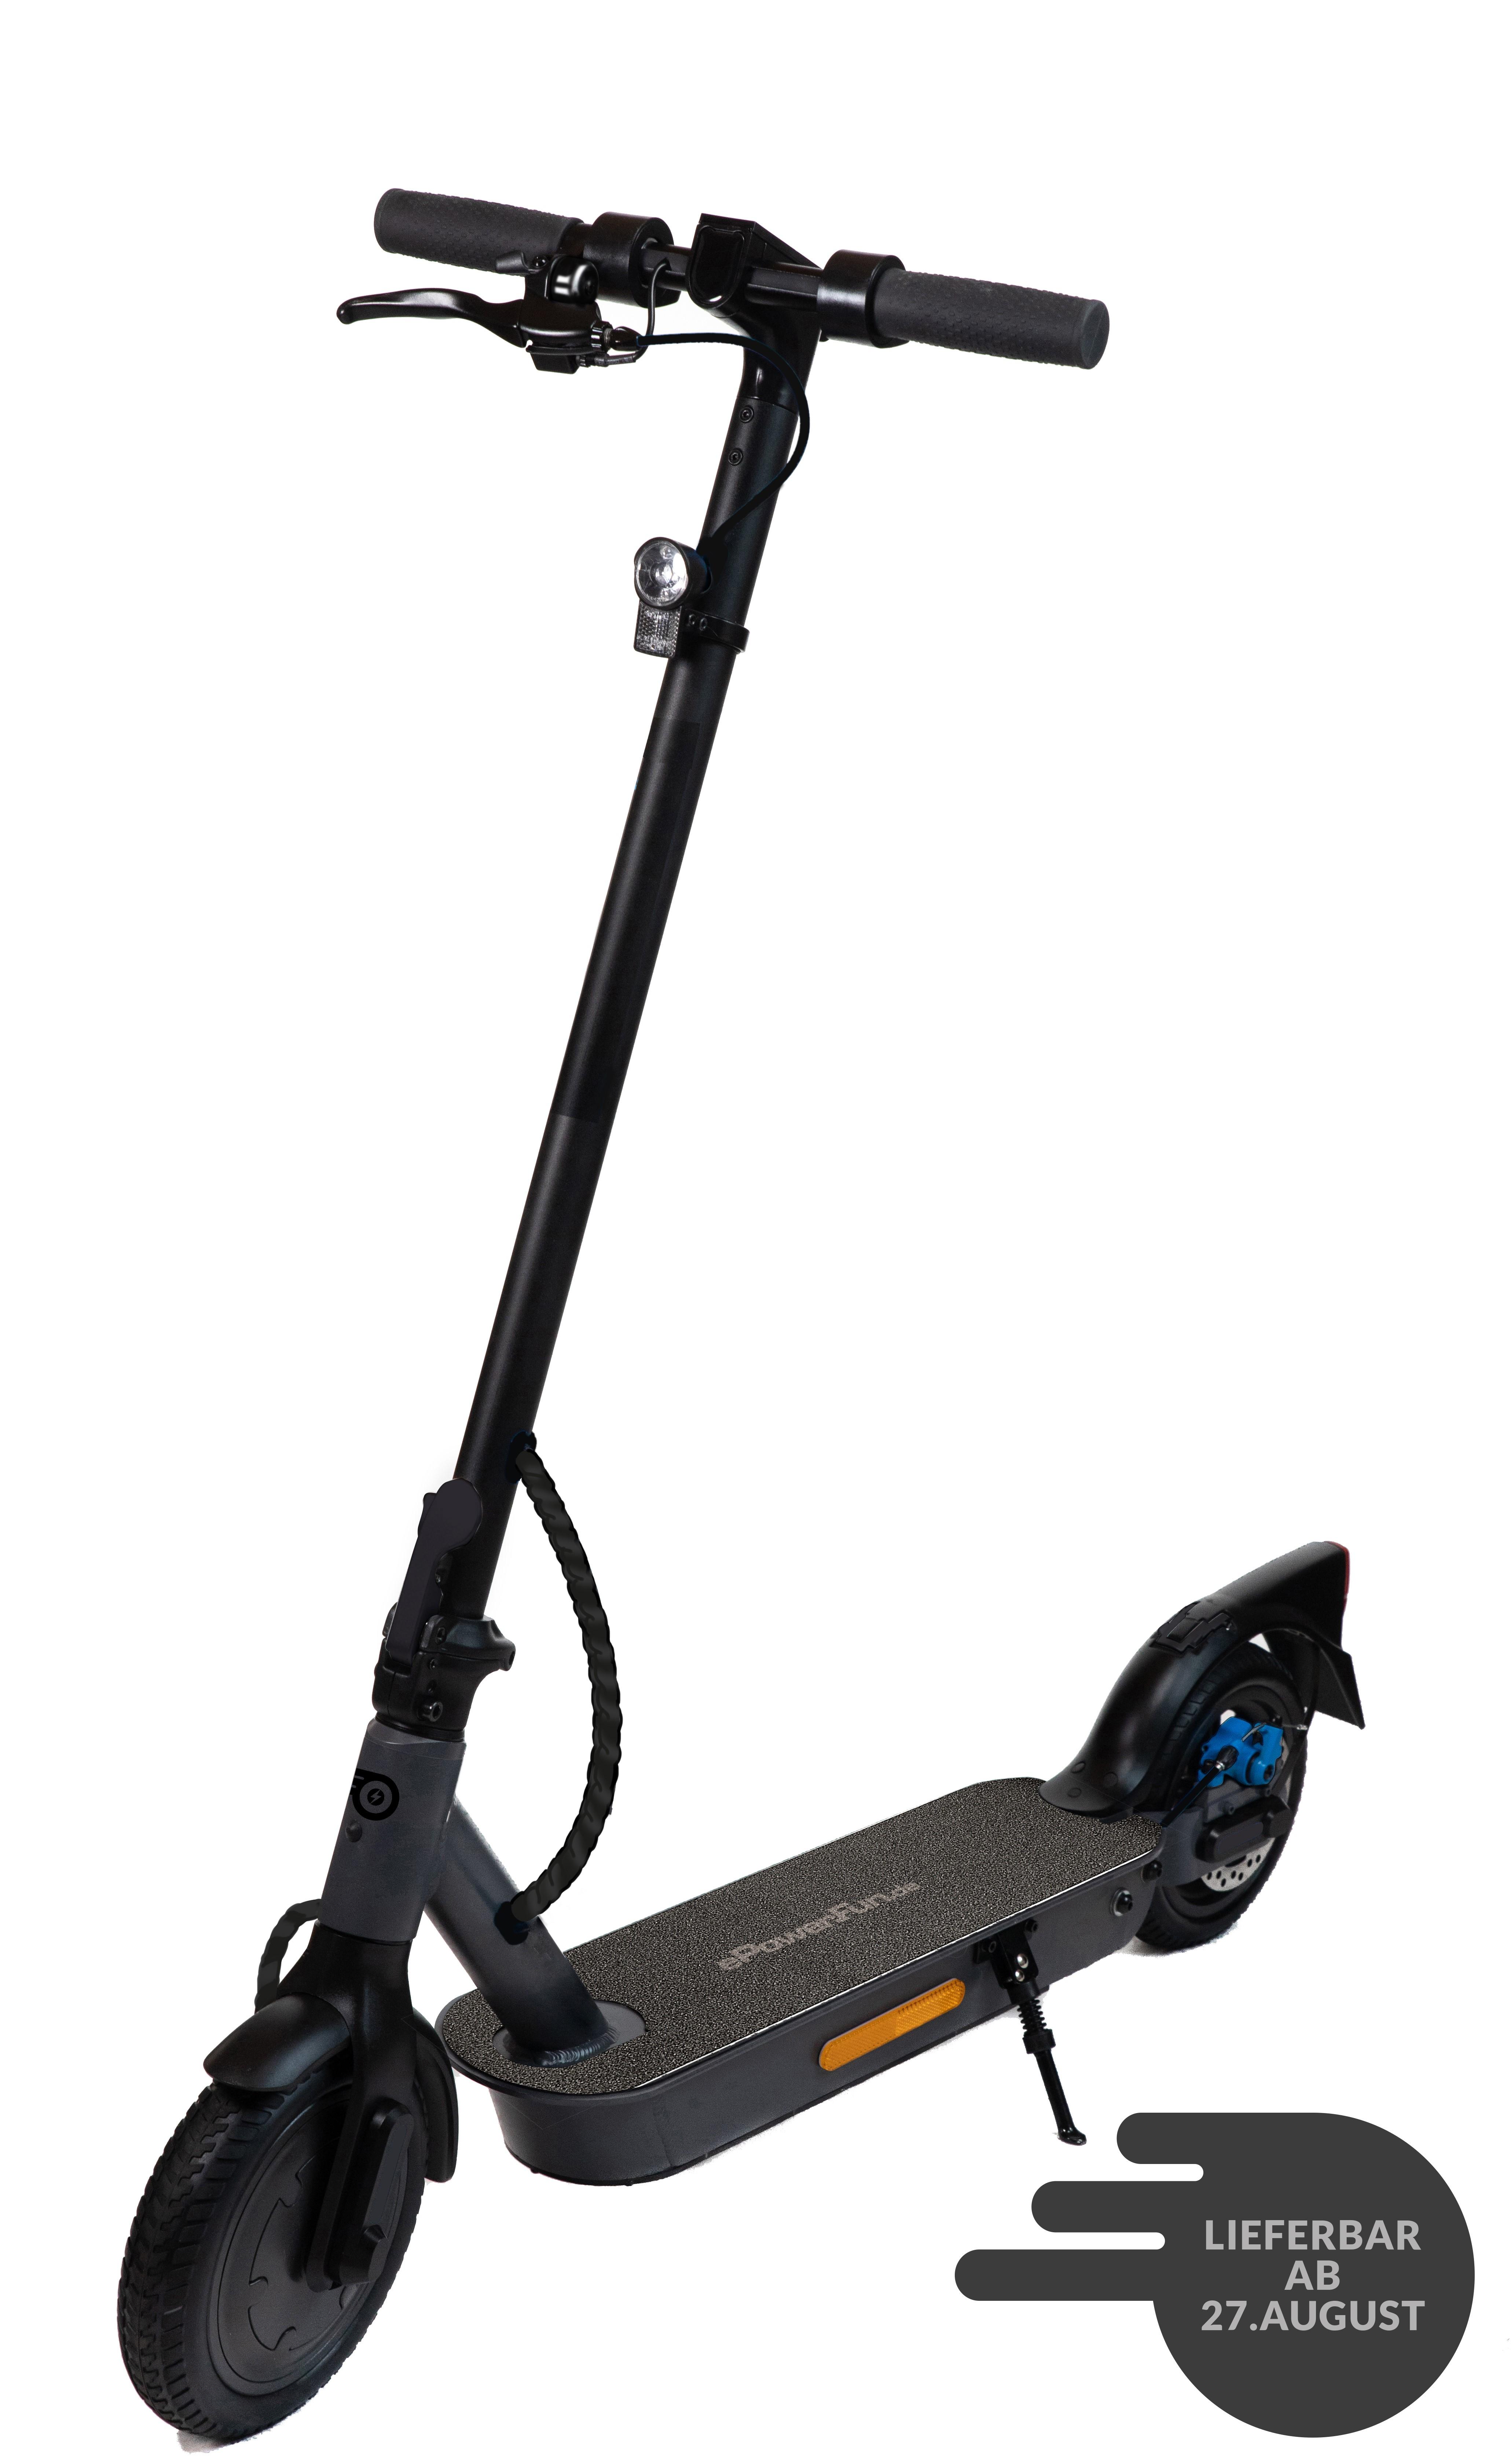 """E-Scooter ePF-1 """"Stealth Edition"""" - mit Straßenzulassung (ABE¹) - Vorbestellrabatt!"""